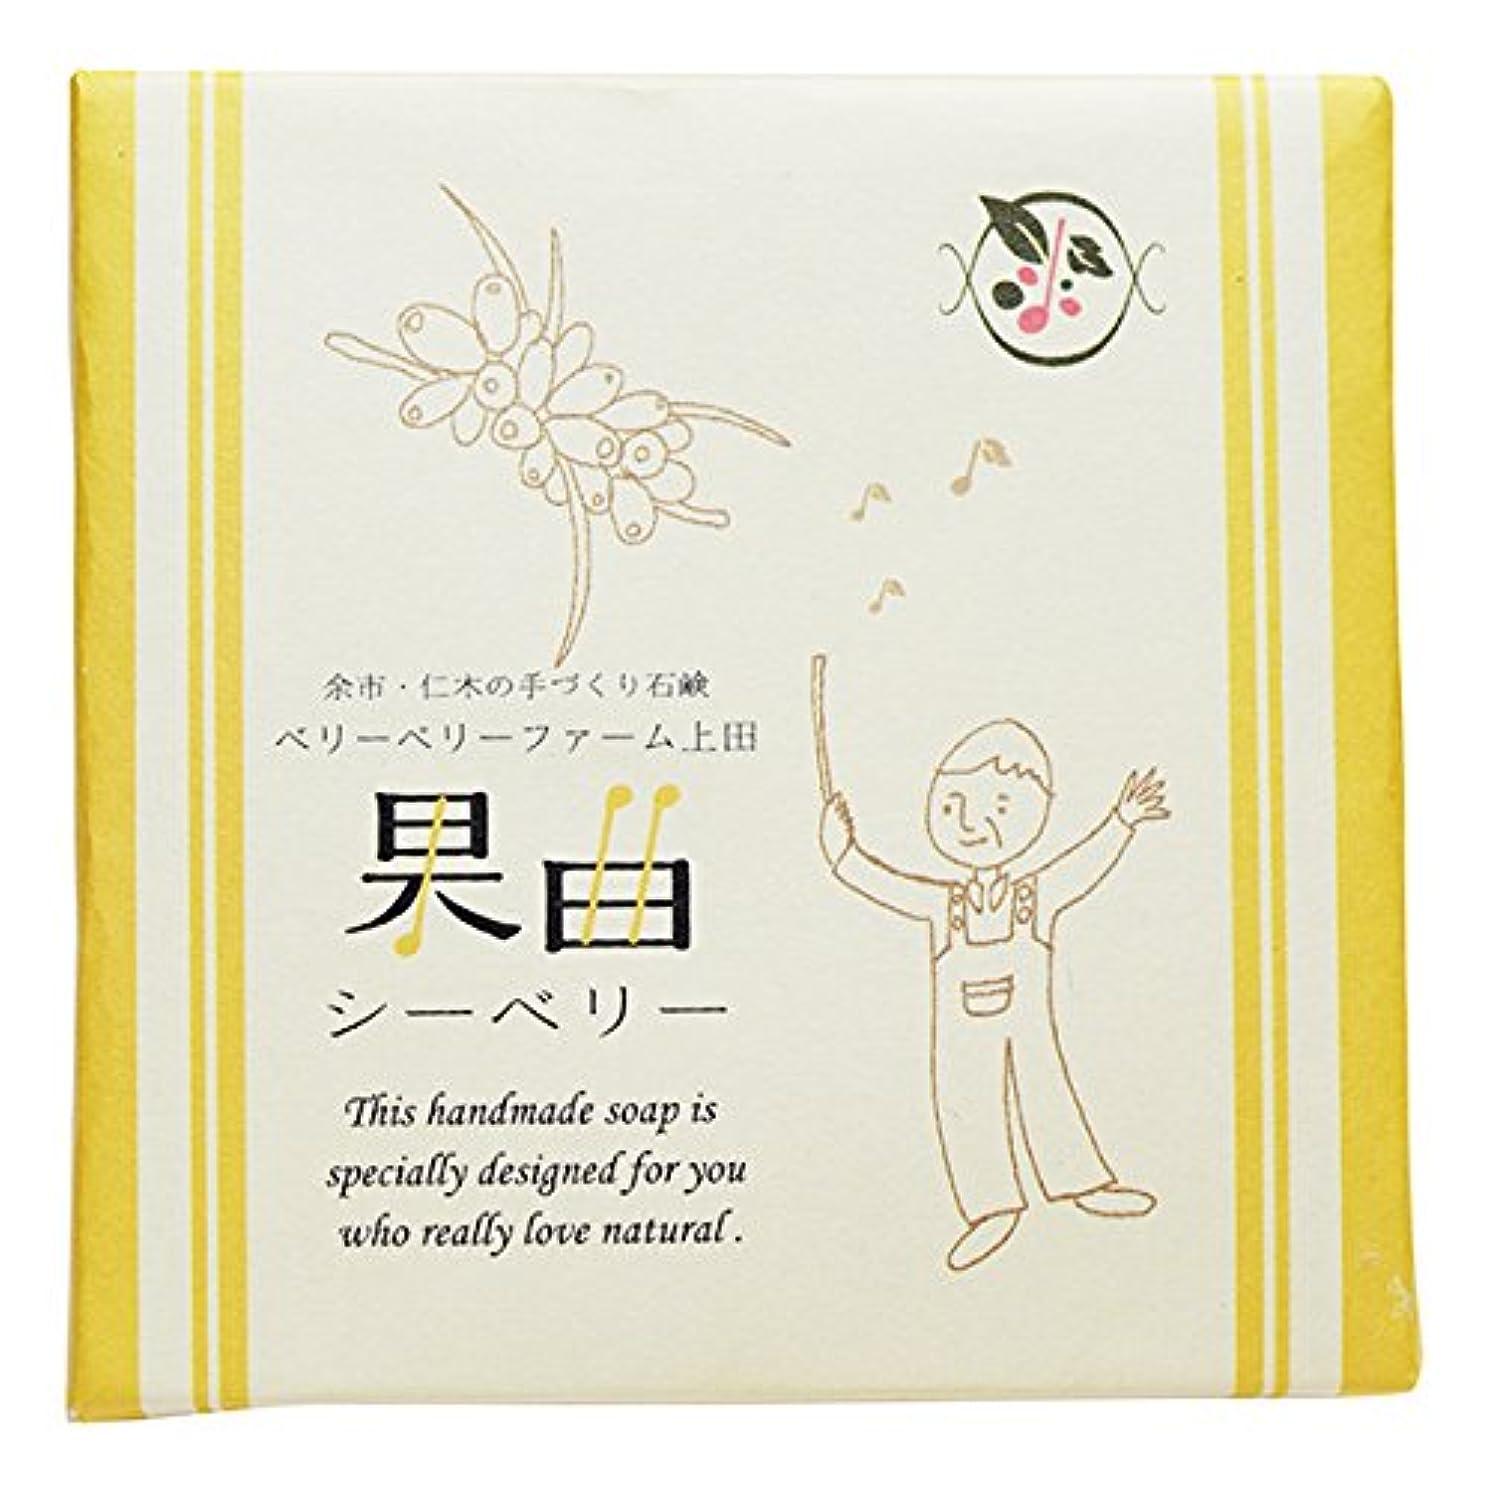 教義スケッチ支援する余市町仁木のベリーベリーファーム上田との共同開発 果曲(シーベリー)純練り石鹸